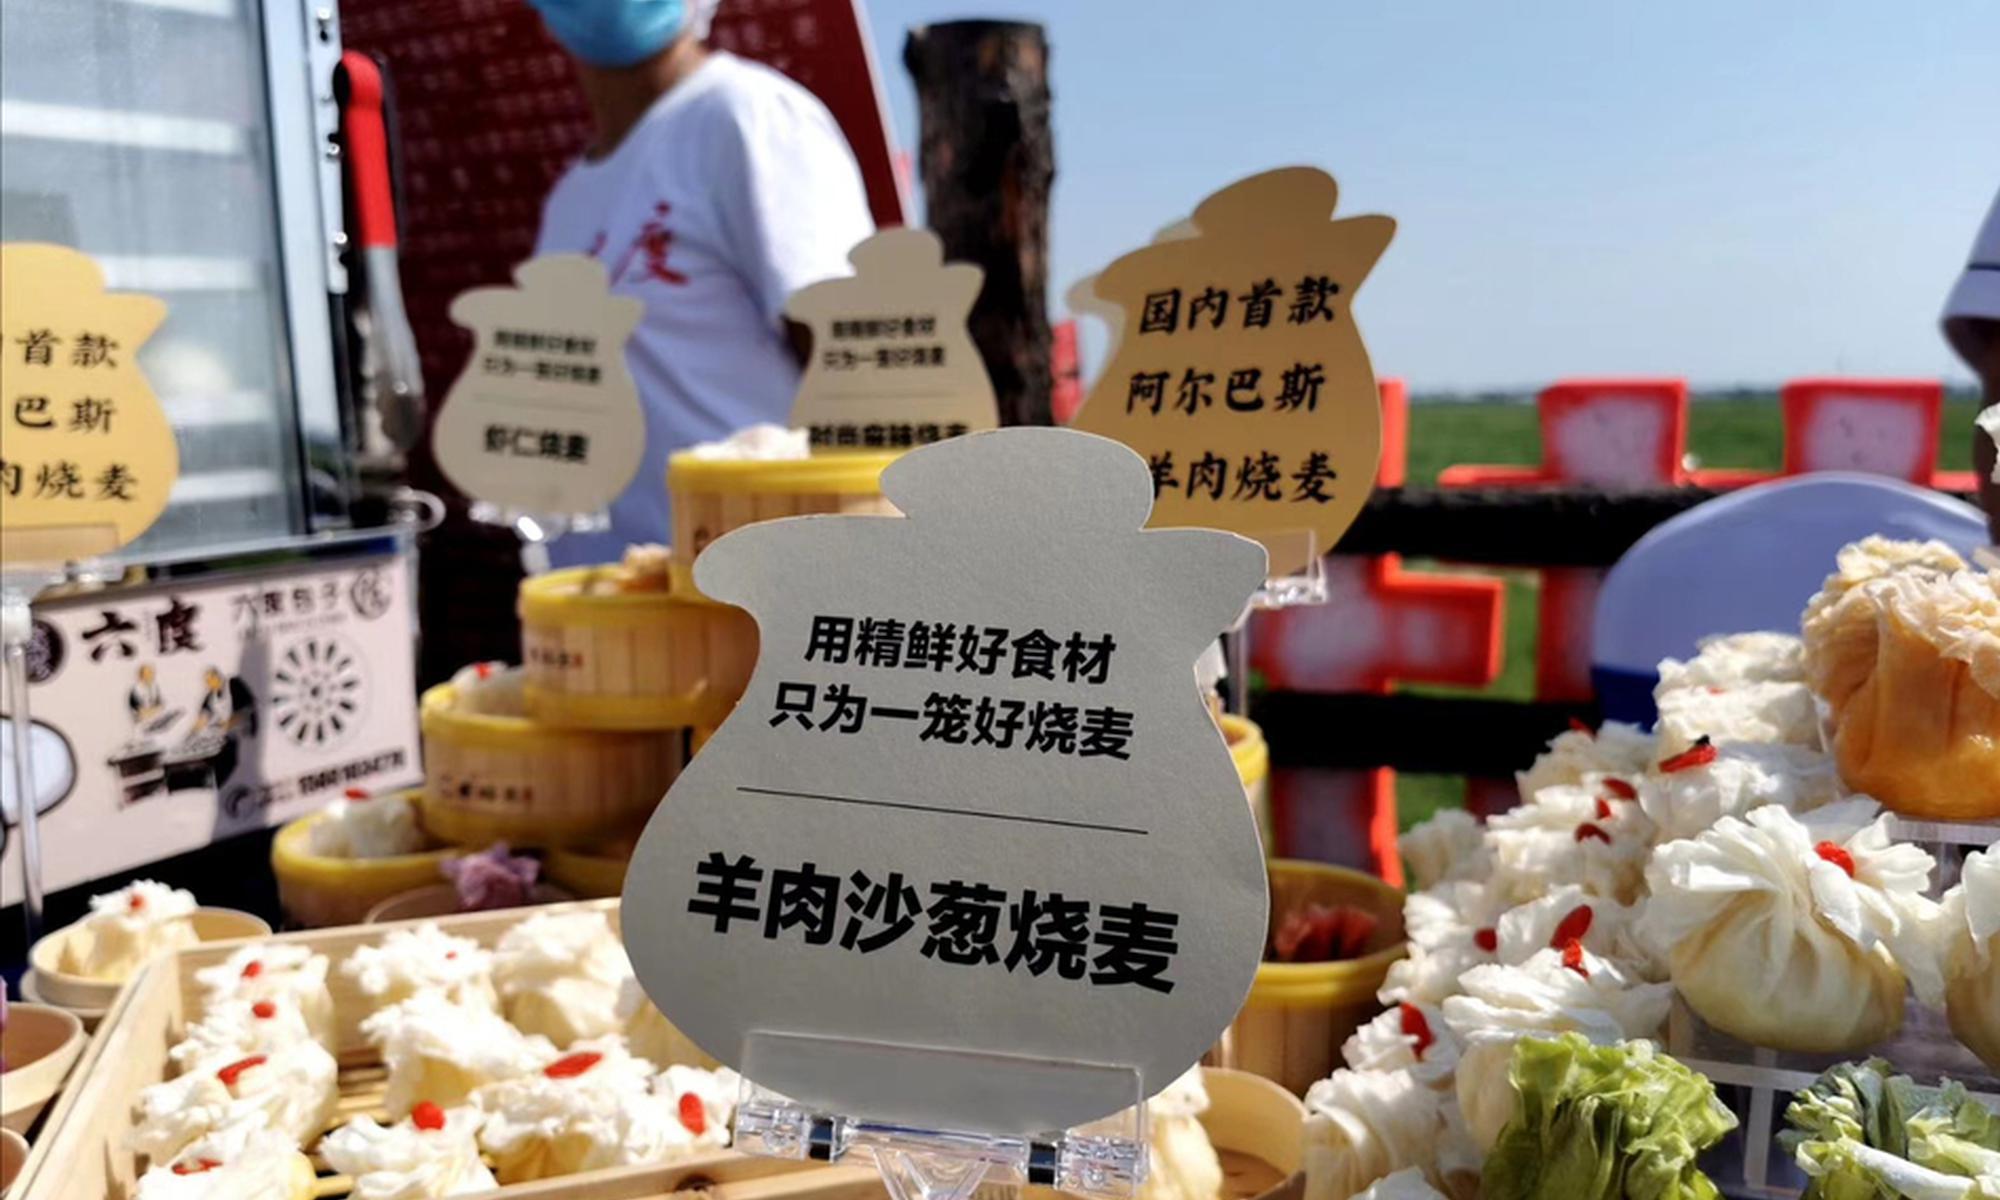 敕勒川草原文旅惠民盛宴